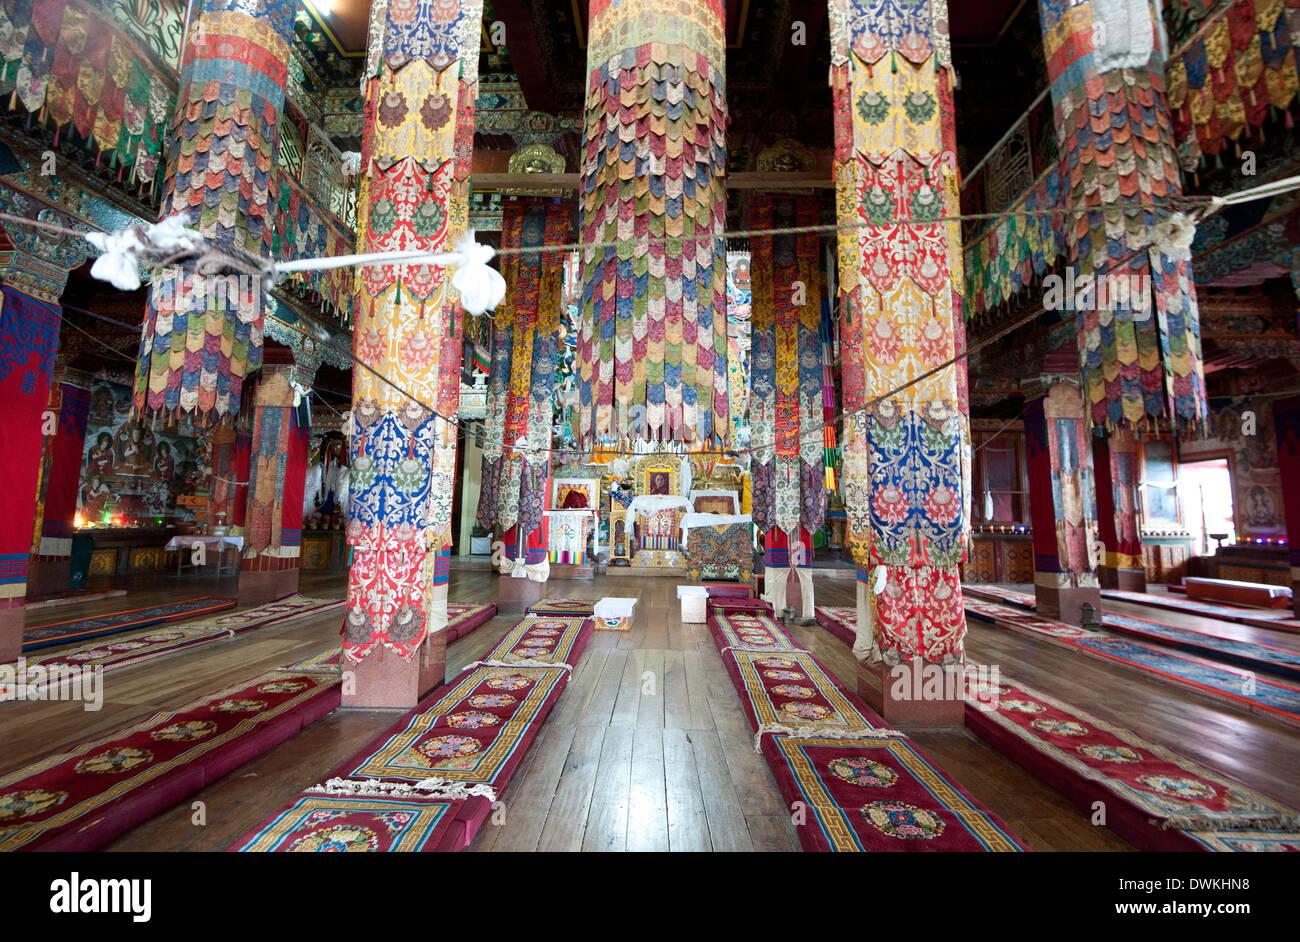 Prayer hall in Tawang Buddhist monastery with pillars covered in prayer flags, Tawang, Arunachal Pradesh, India - Stock Image